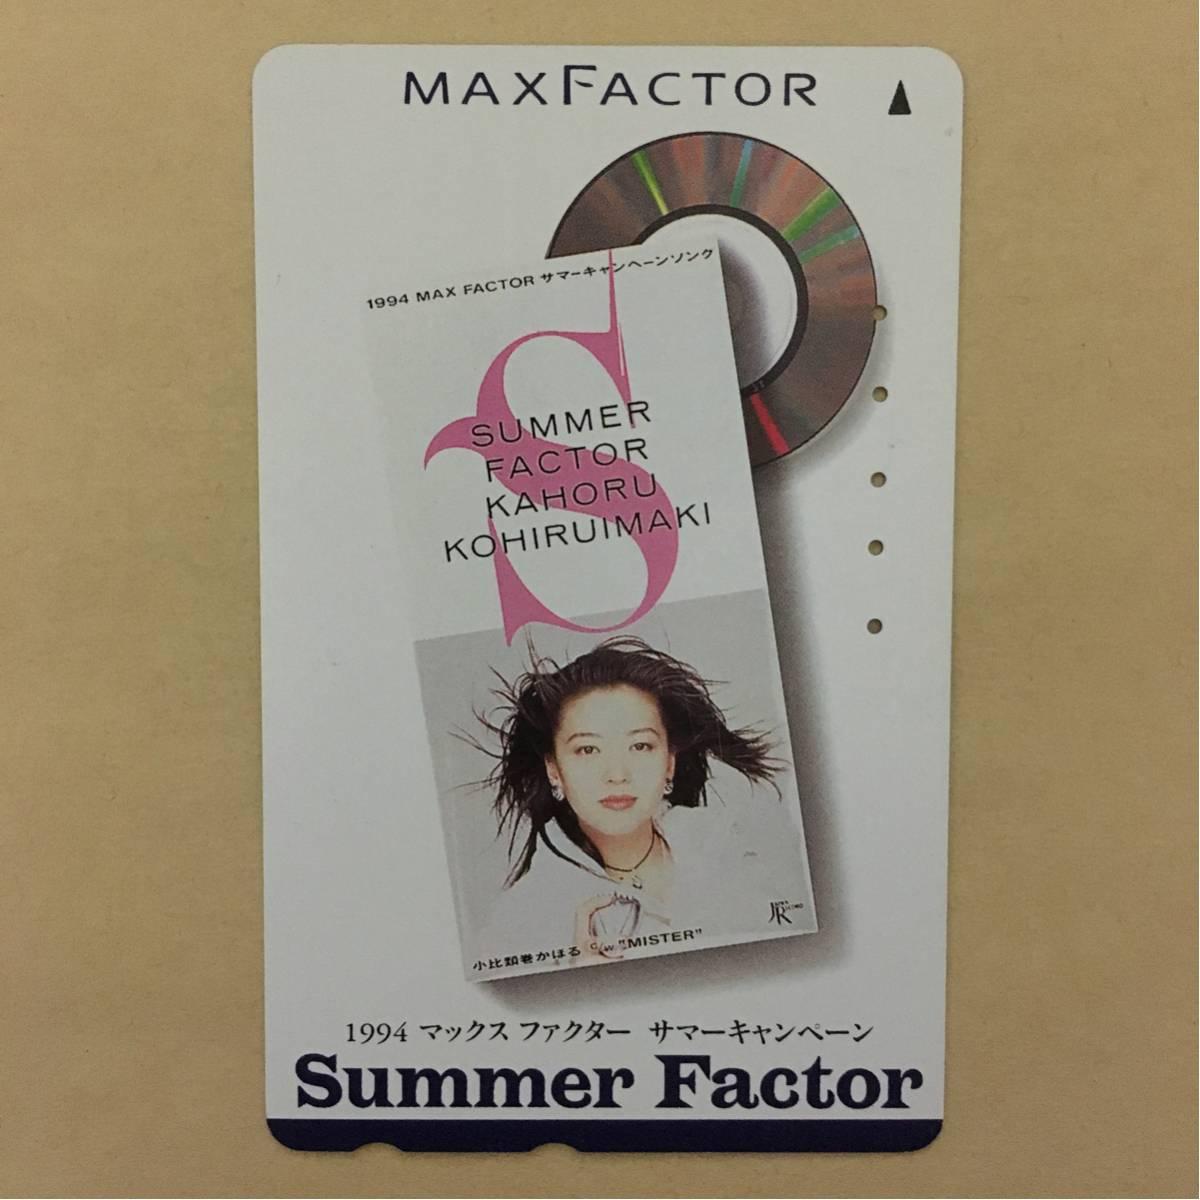 【使用済】 テレカ 小比類巻かほる マックスファクター